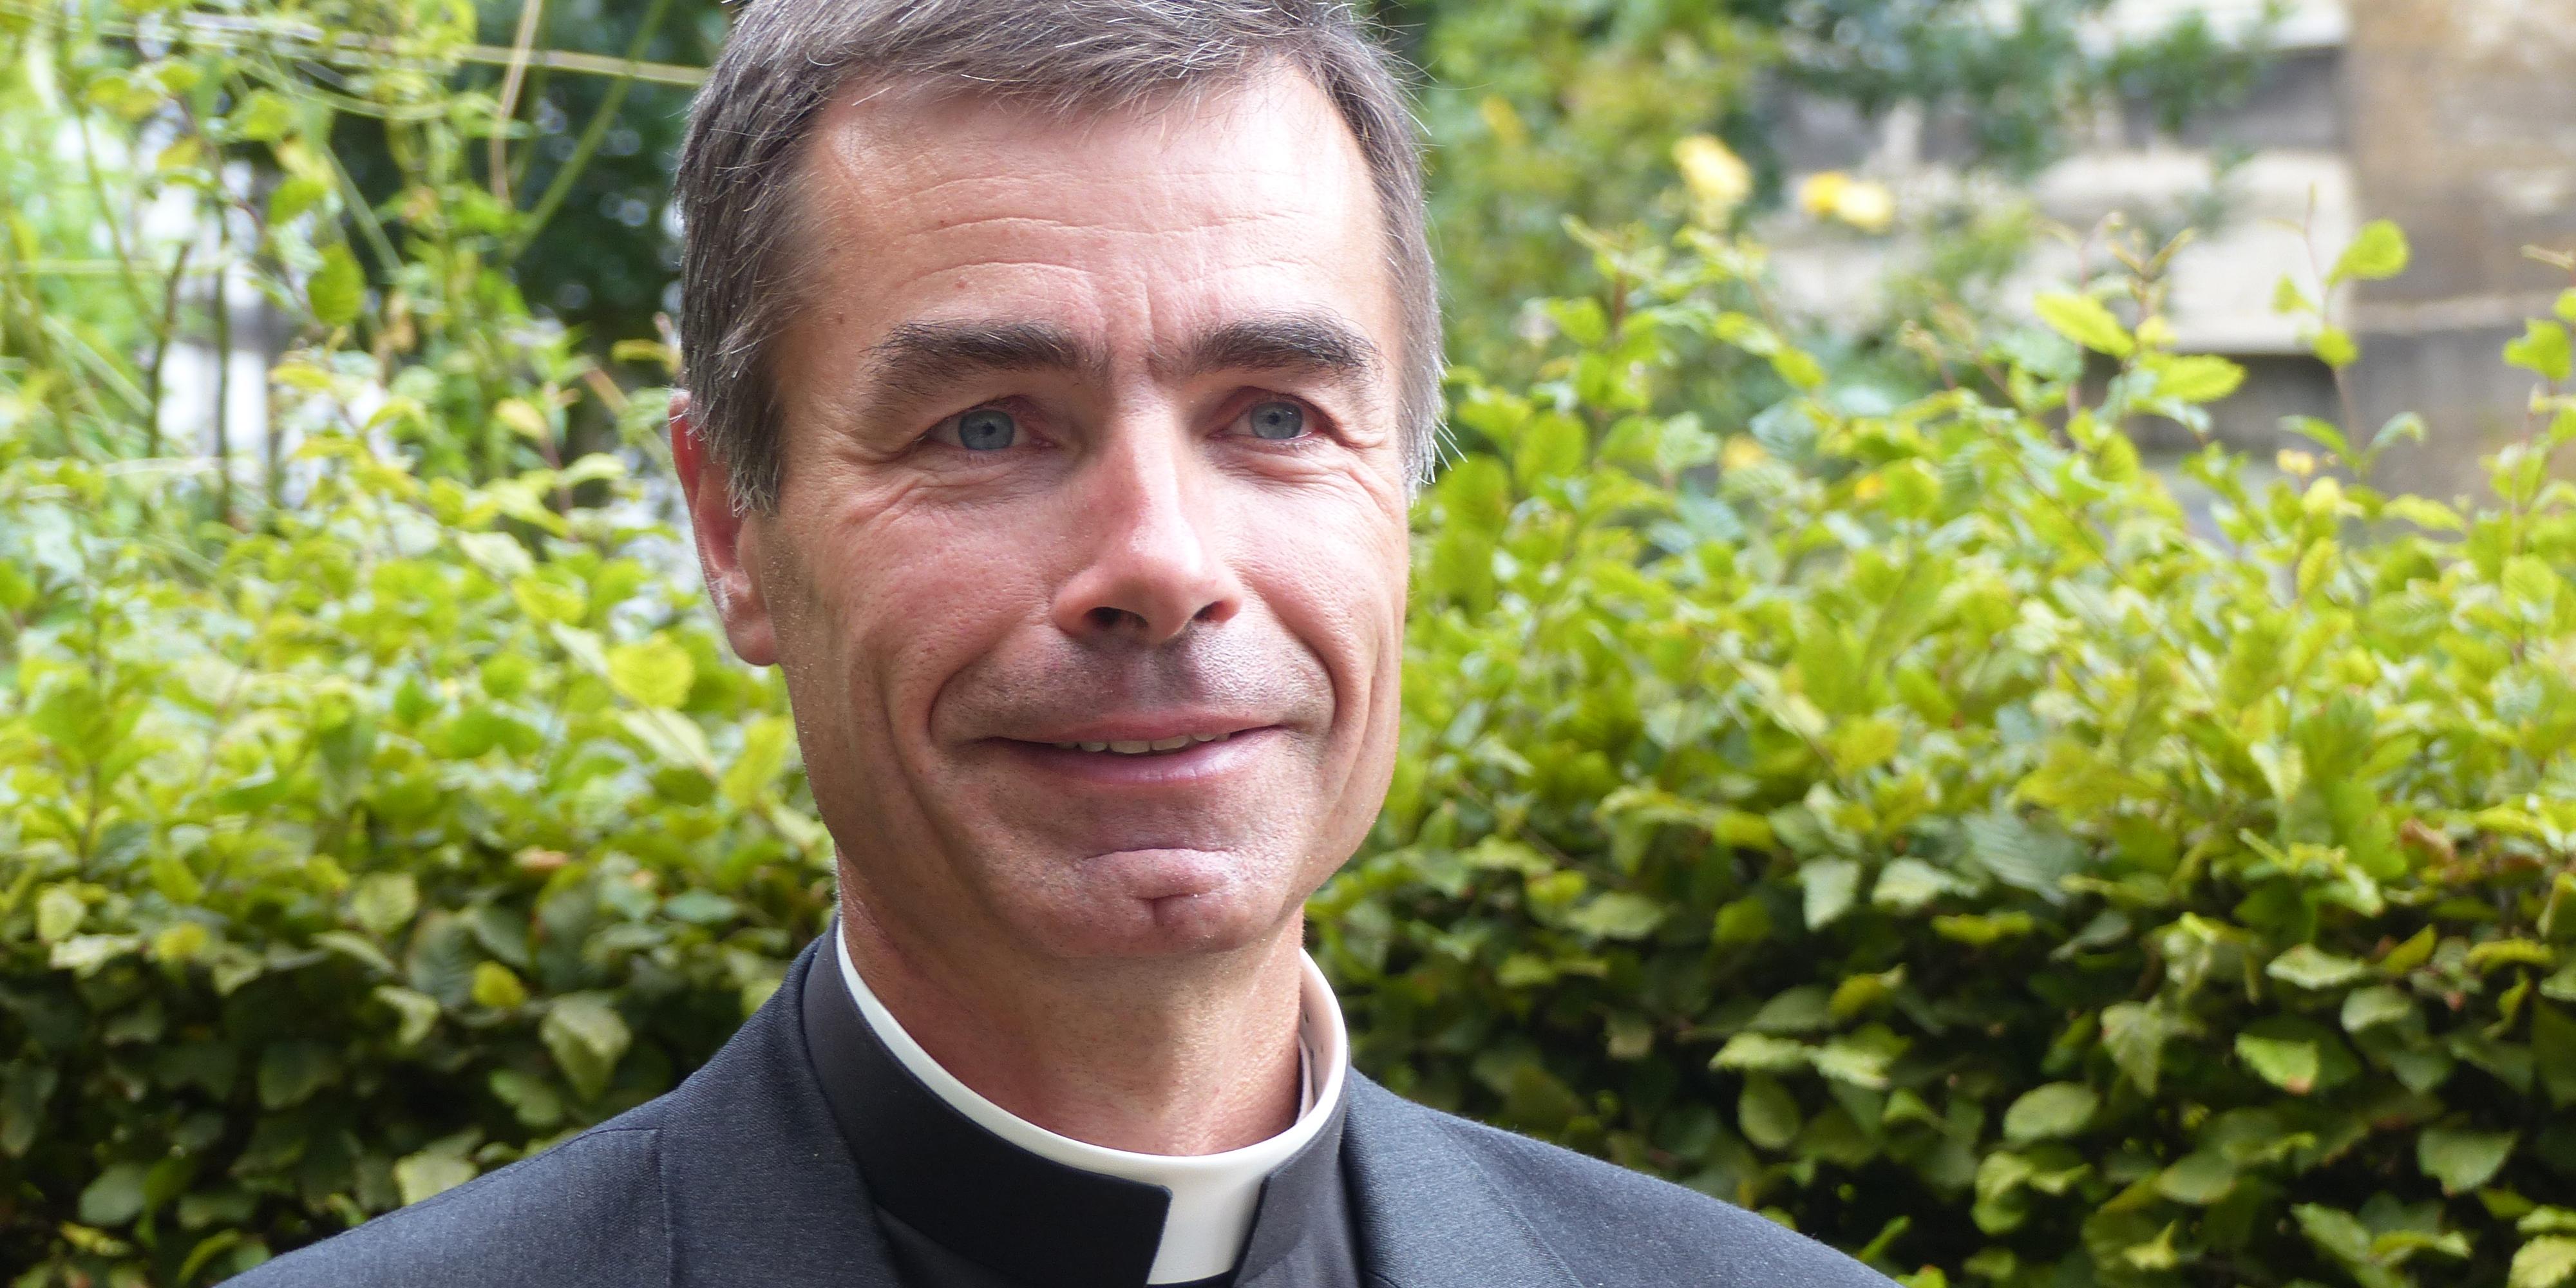 FATHER PAUL VIGOUROUX